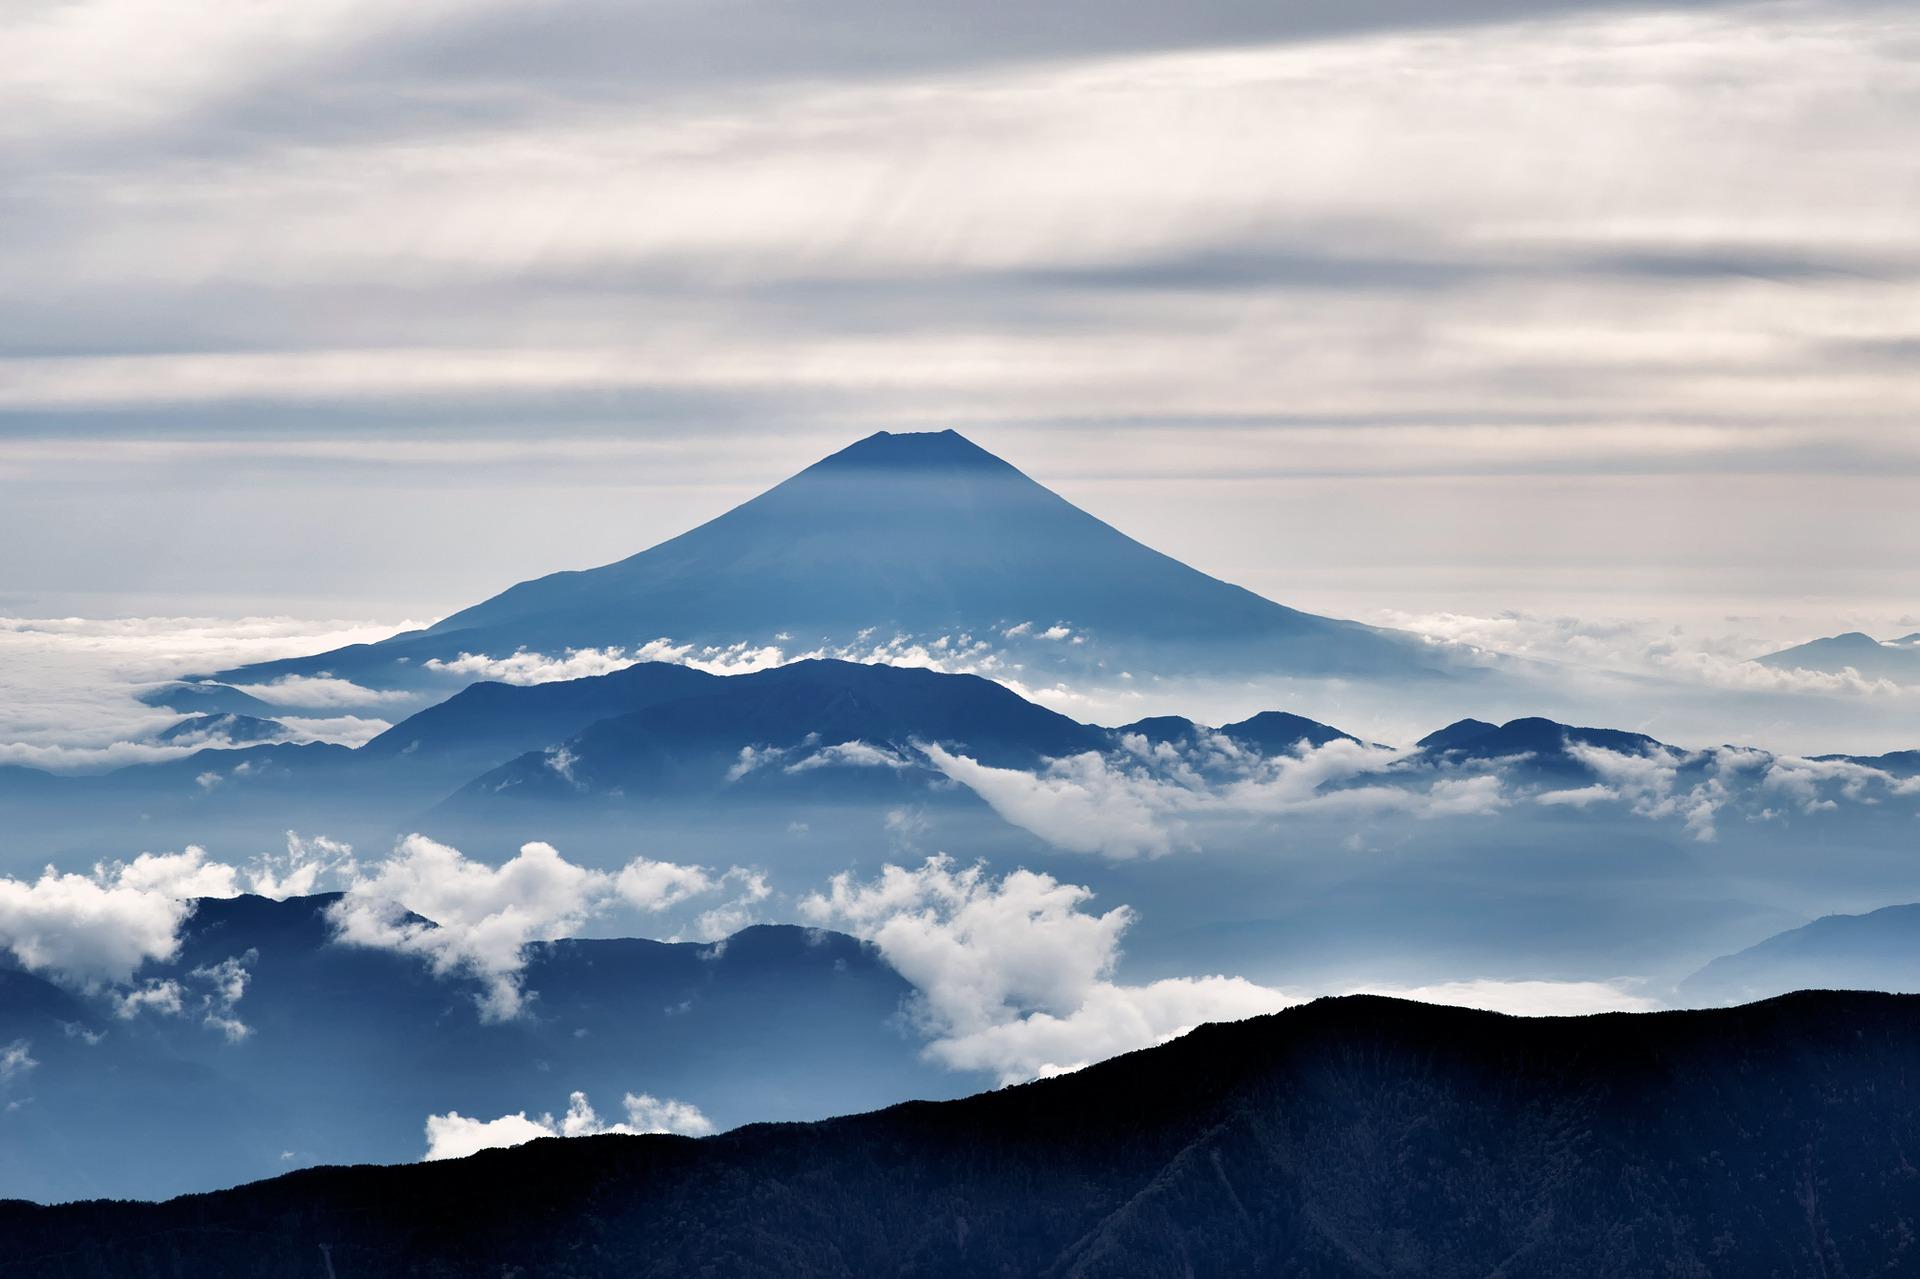 Mt fuji 2232246 1920